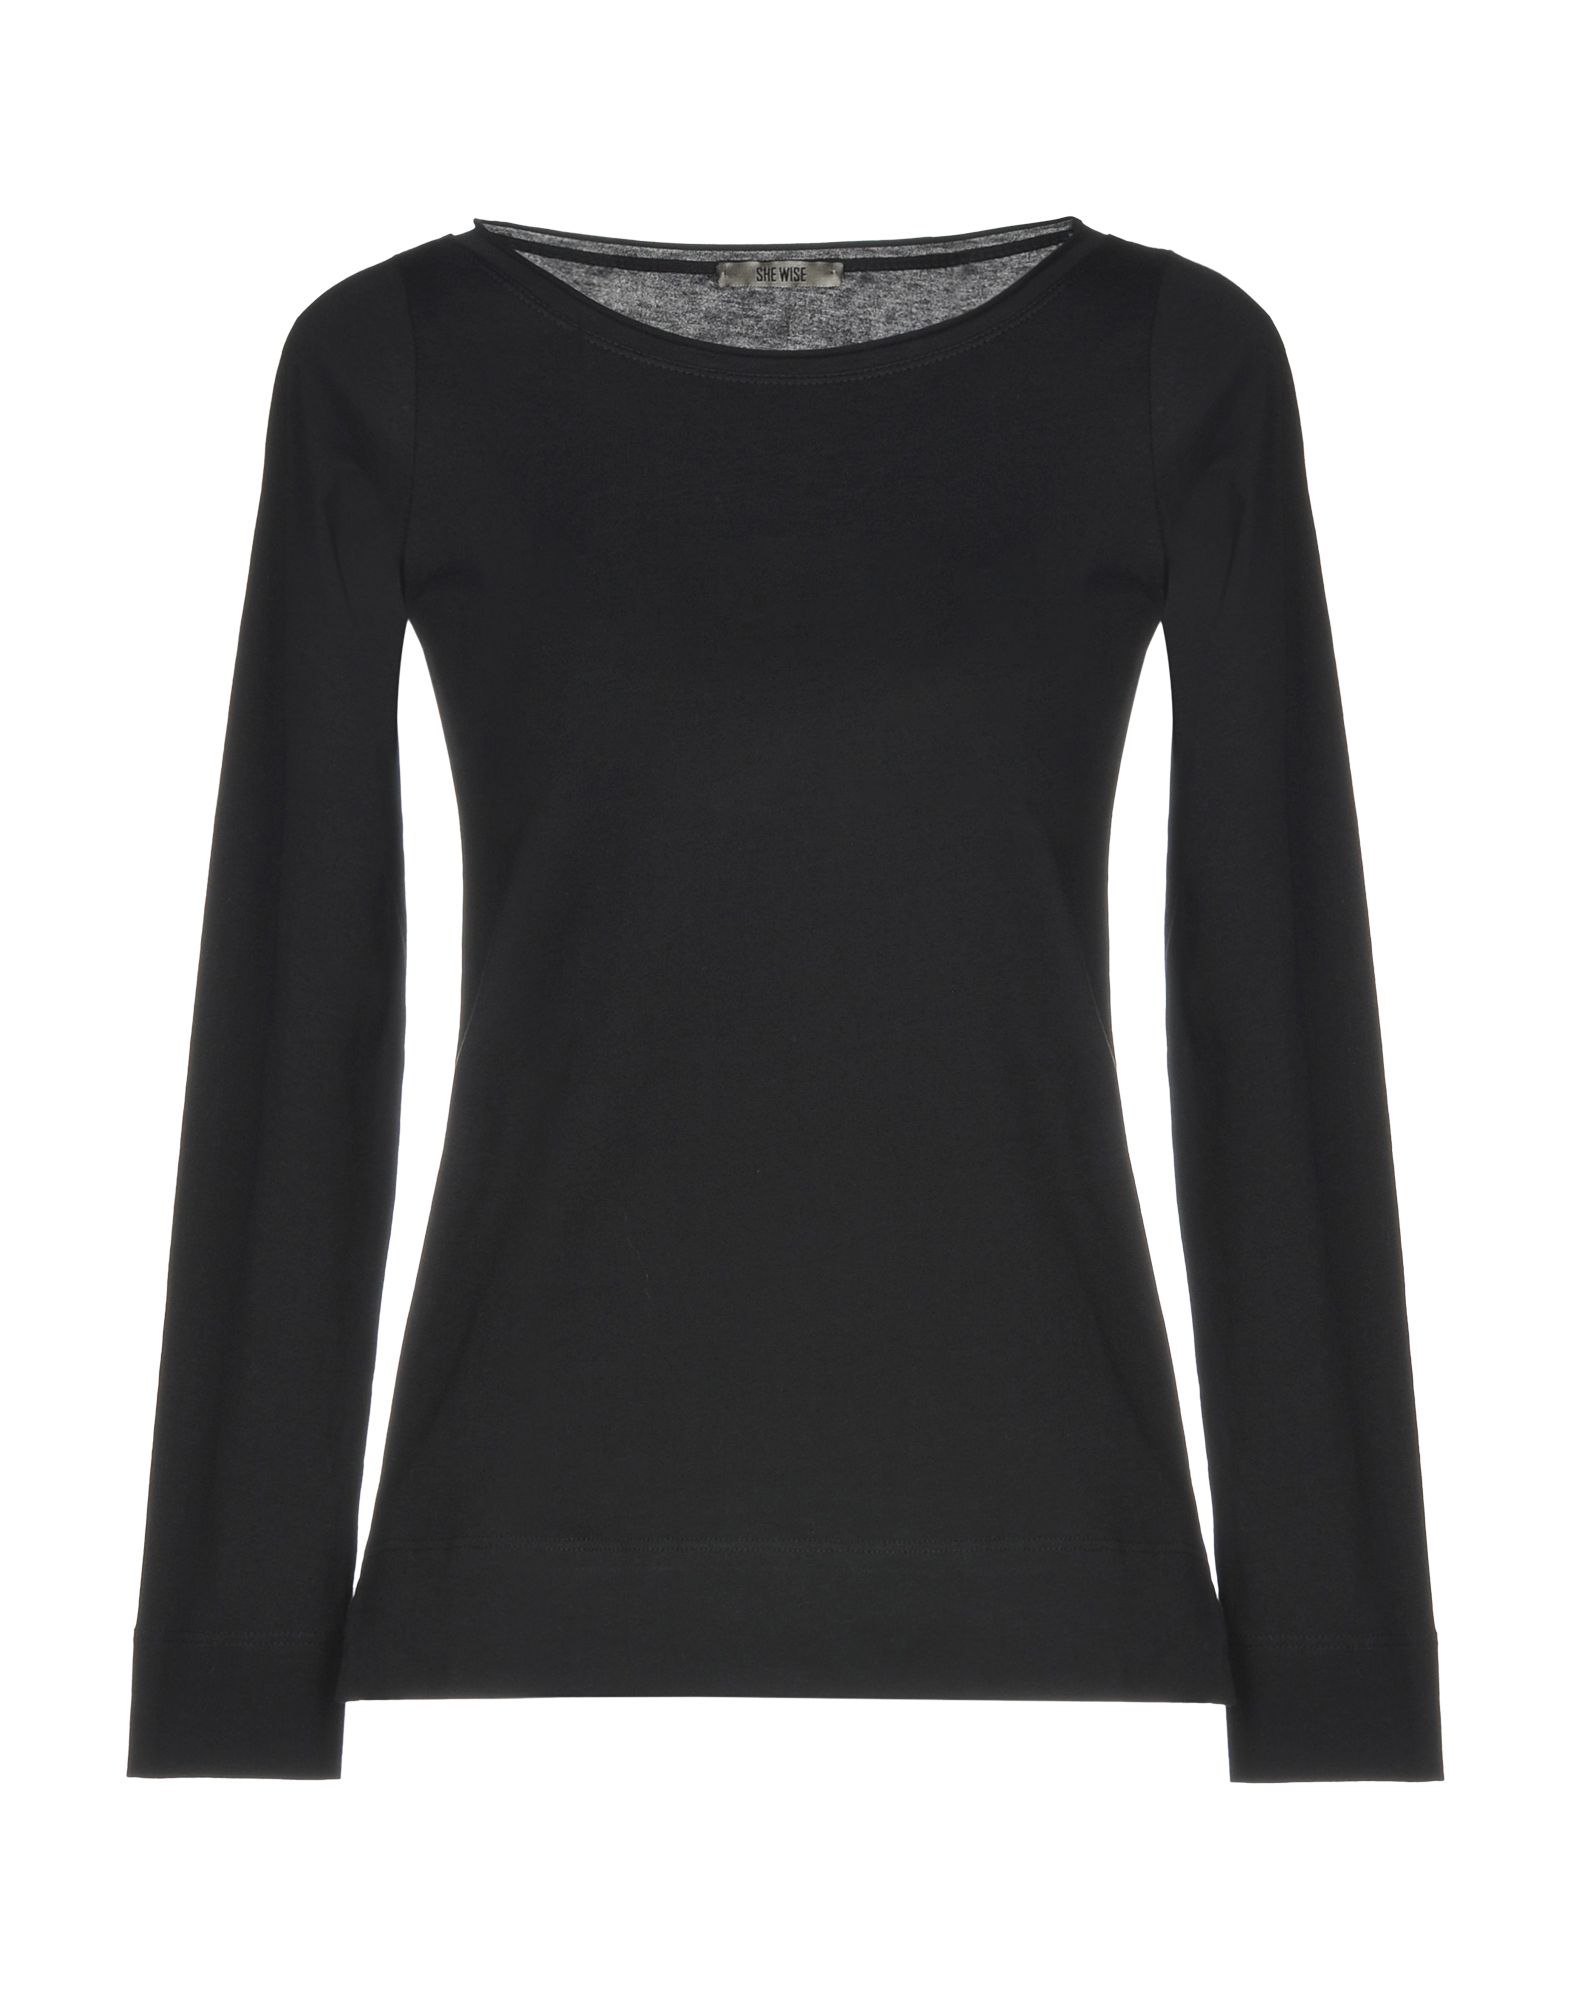 《送料無料》SHE WISE レディース T シャツ ブラック 42 コットン 100%